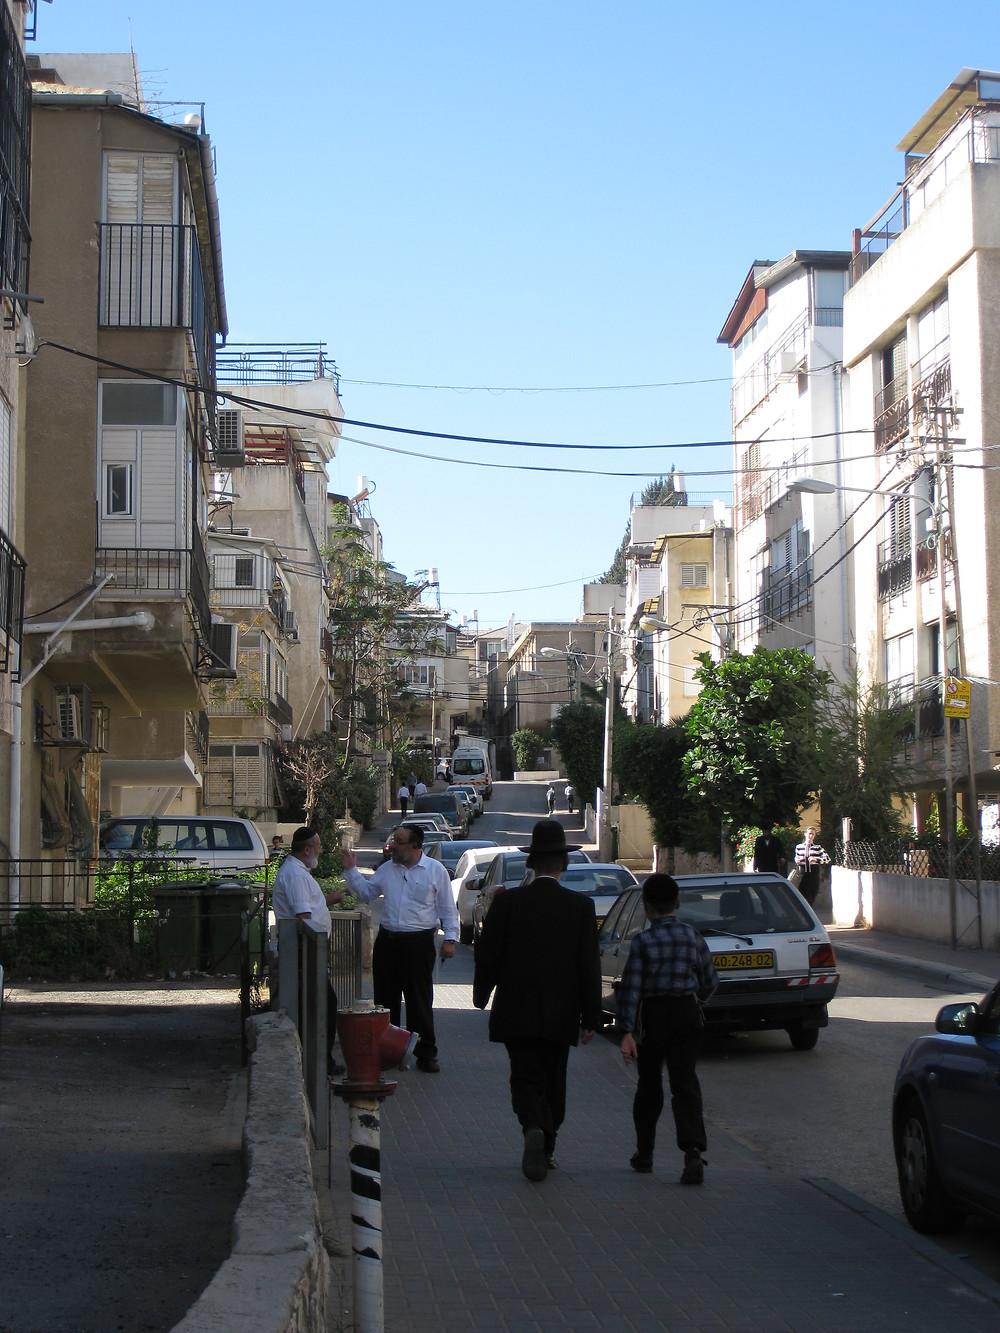 צילום מתוך ויקיפדיה:deror_avi